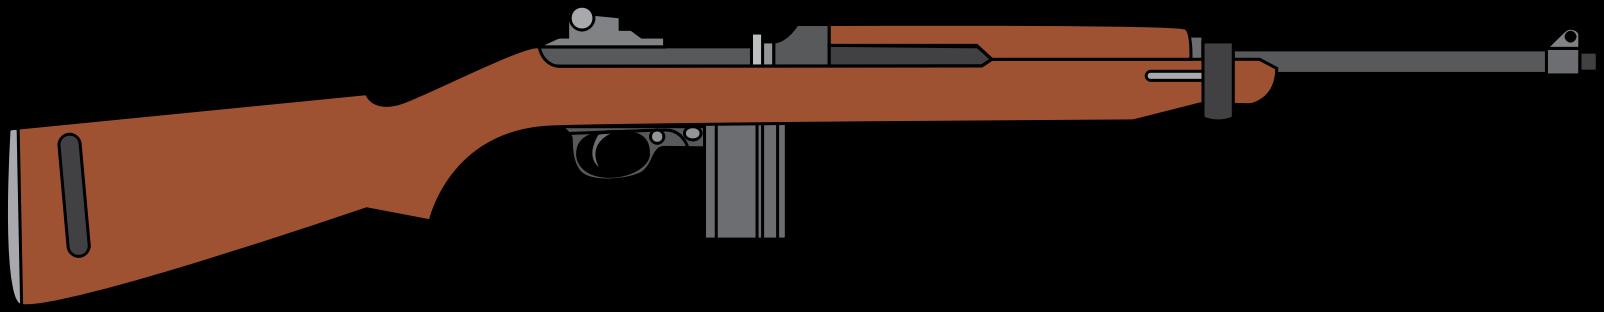 Free military rifle cliparts. Guns clipart person